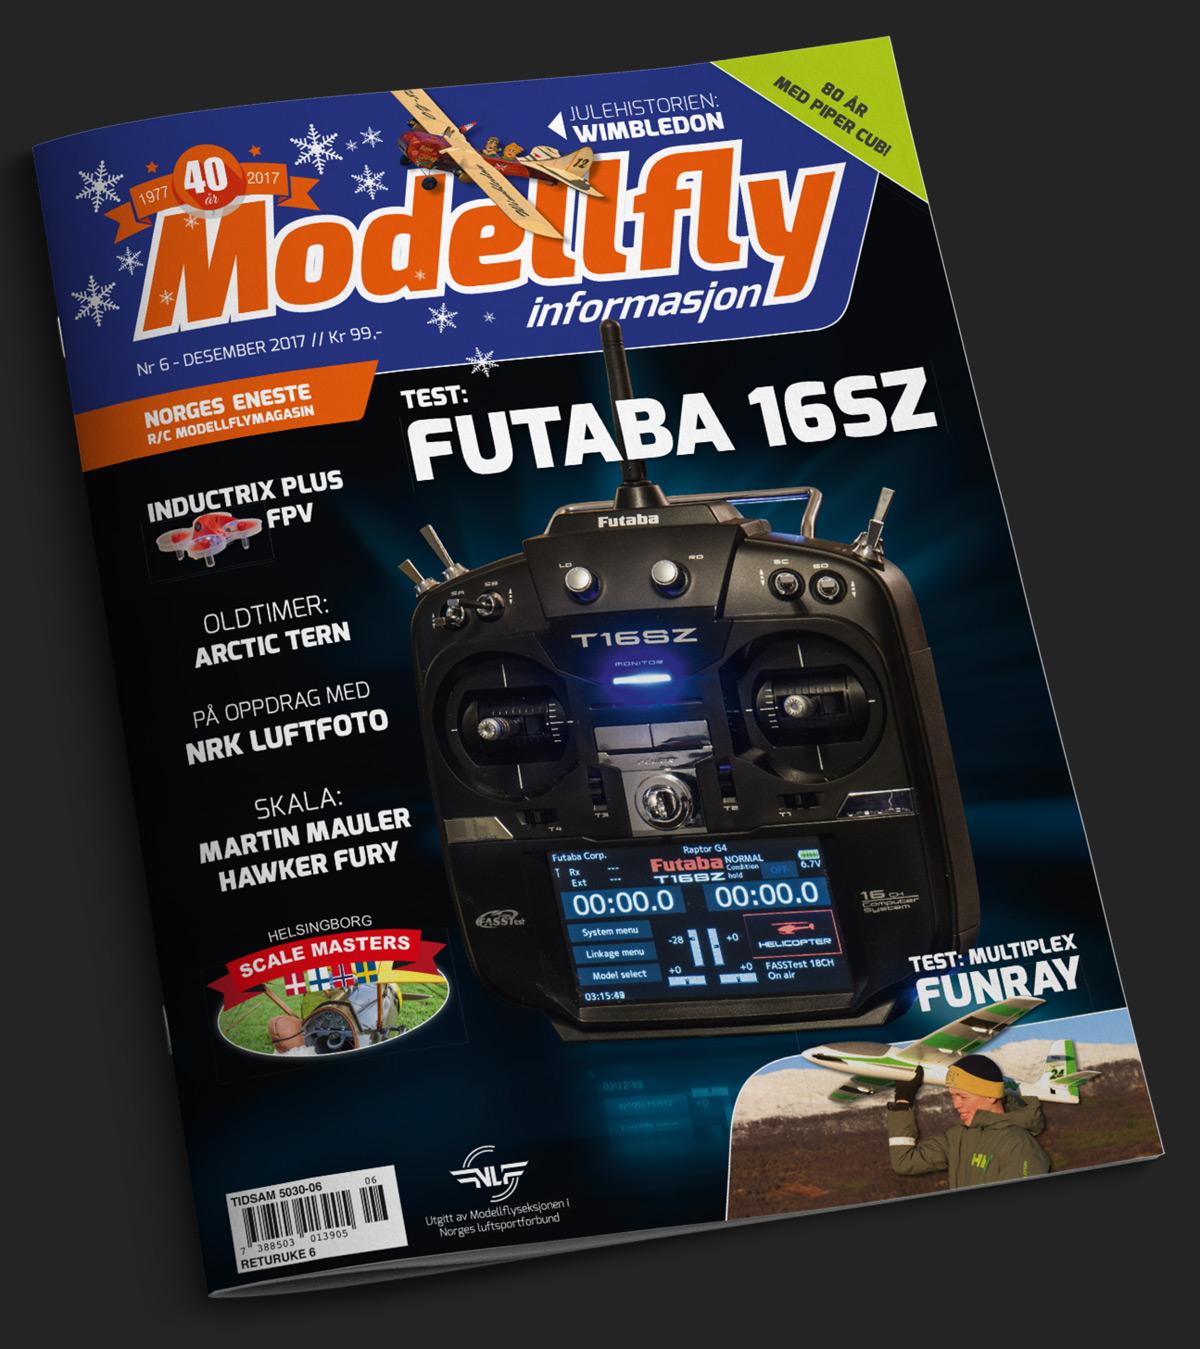 produktfoto modellfly informasjon laget av Kudos media